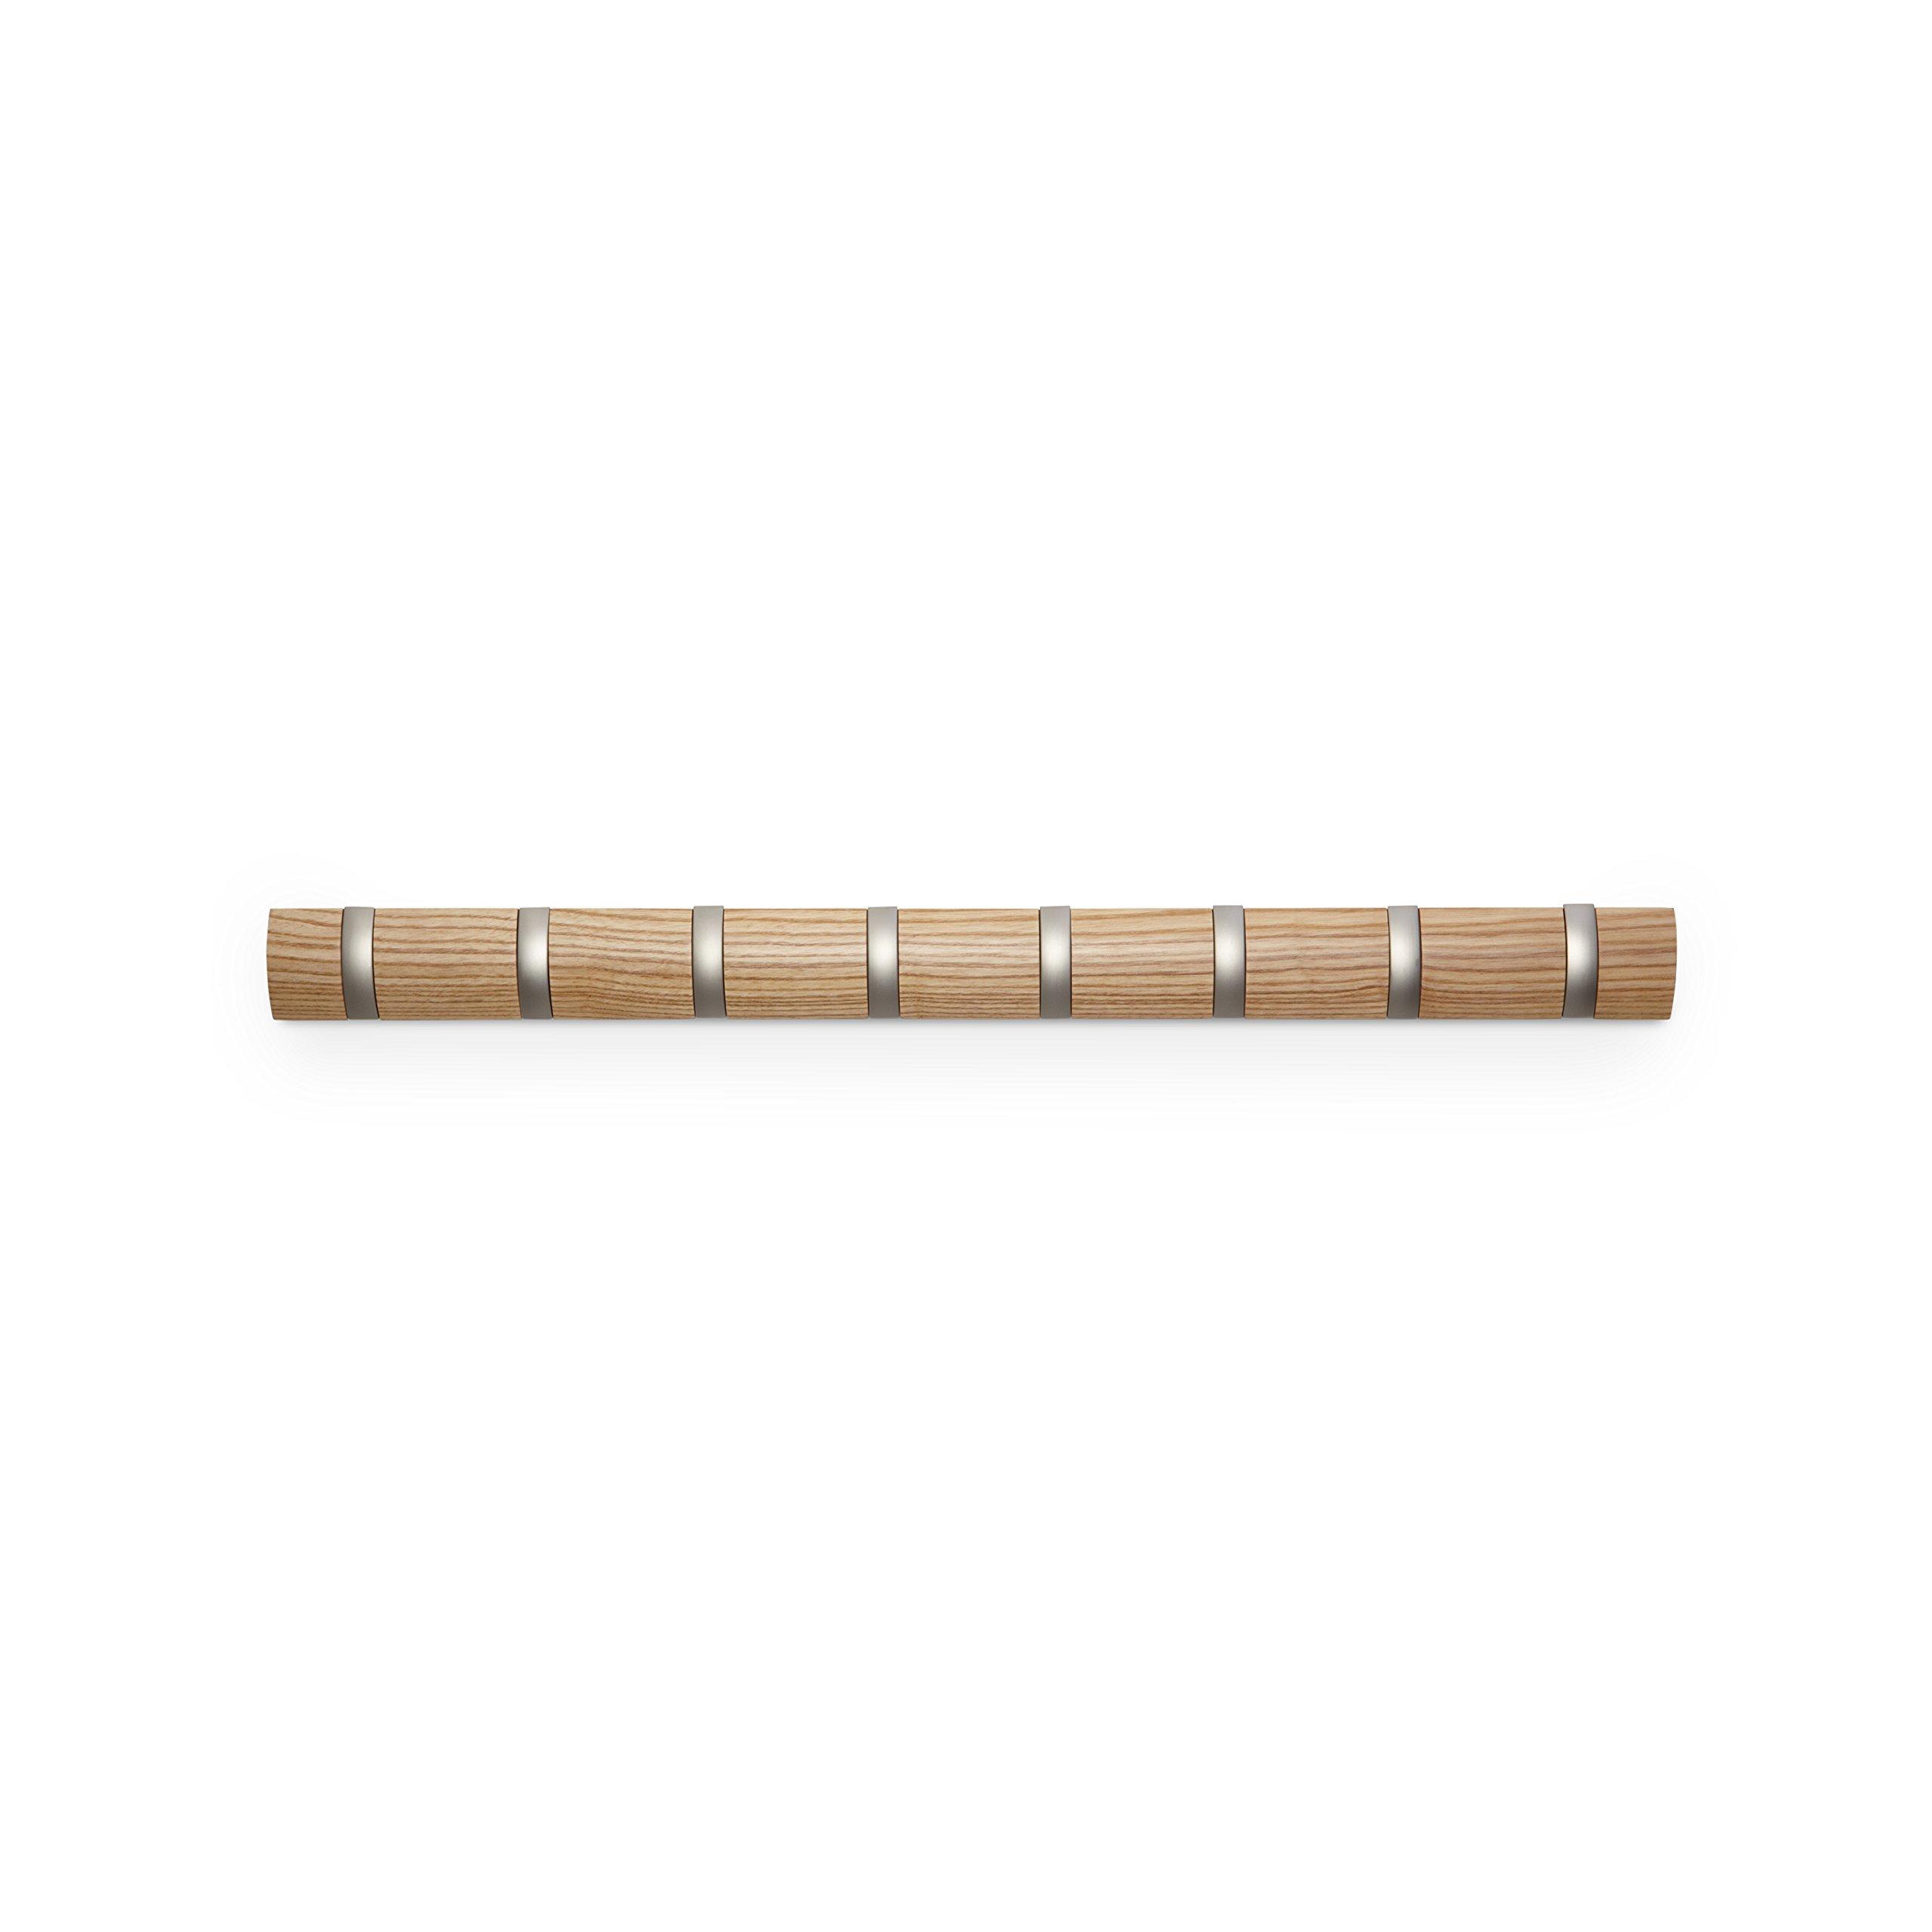 Umbra 翻盖 5 钩壁挂式浮动衣架 - 现代、时尚、节省空间的衣架,带 5 个可伸缩挂钩,用于悬挂外套、围巾、钱包等,胡桃木色/黑色 天然 8 钩 318858-390